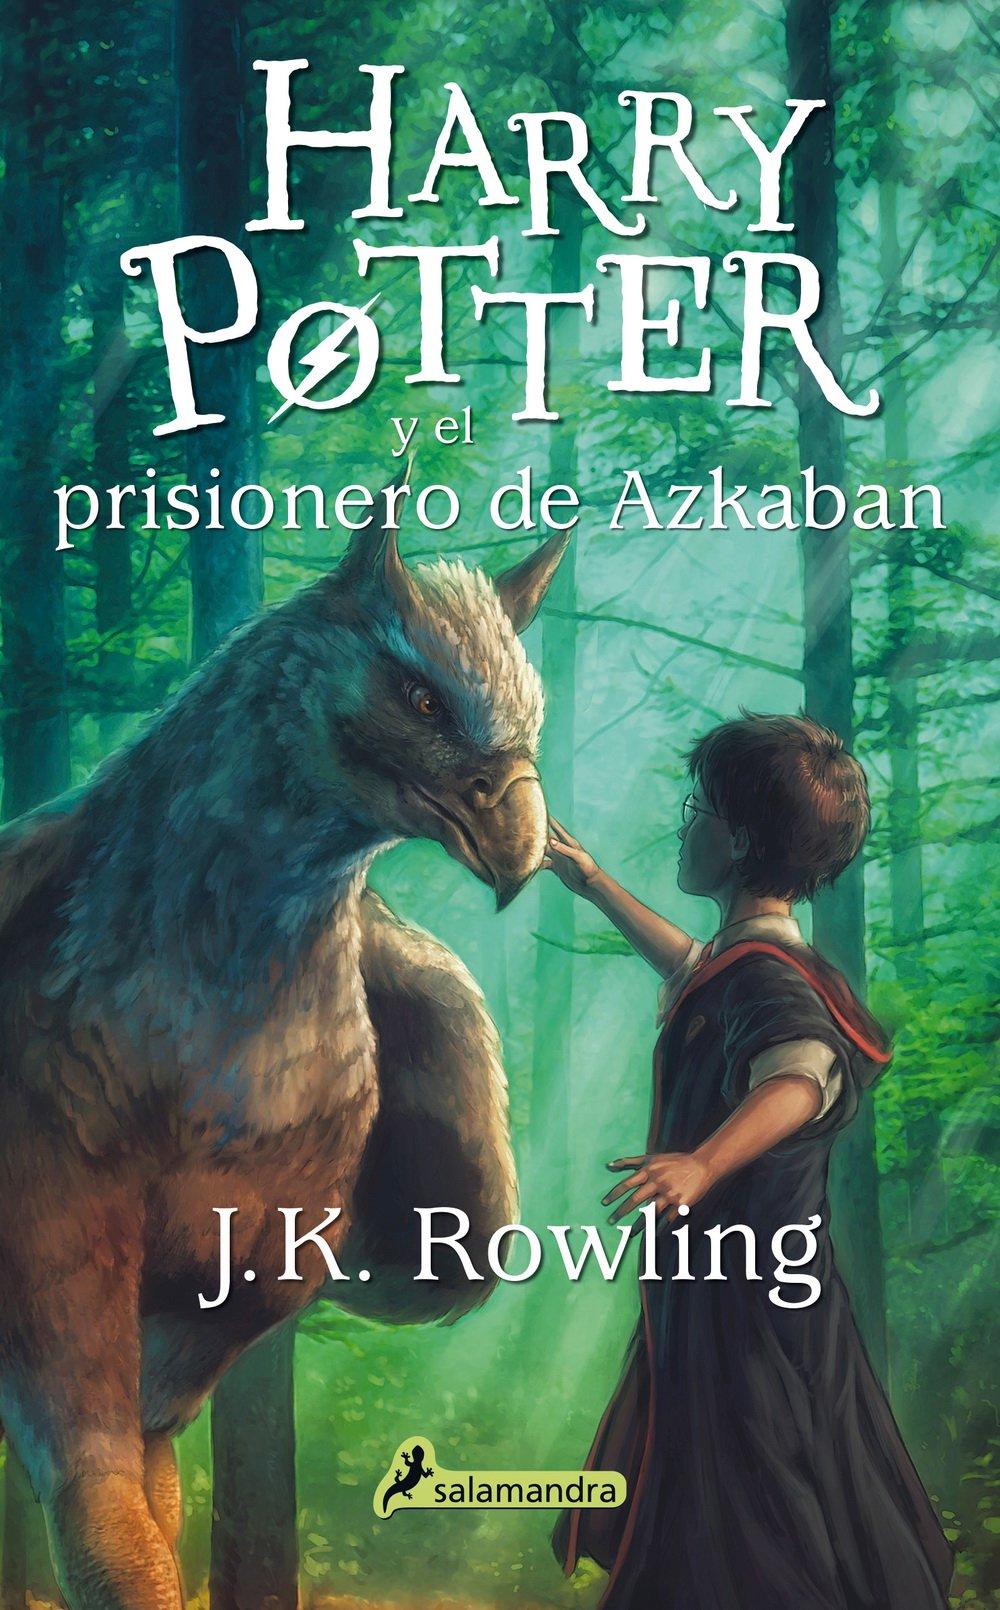 Harry Potter 3. Harry Potter y el prisionero de Azkaban (Nueva edición, tapa blanda), ROWLING J.K.